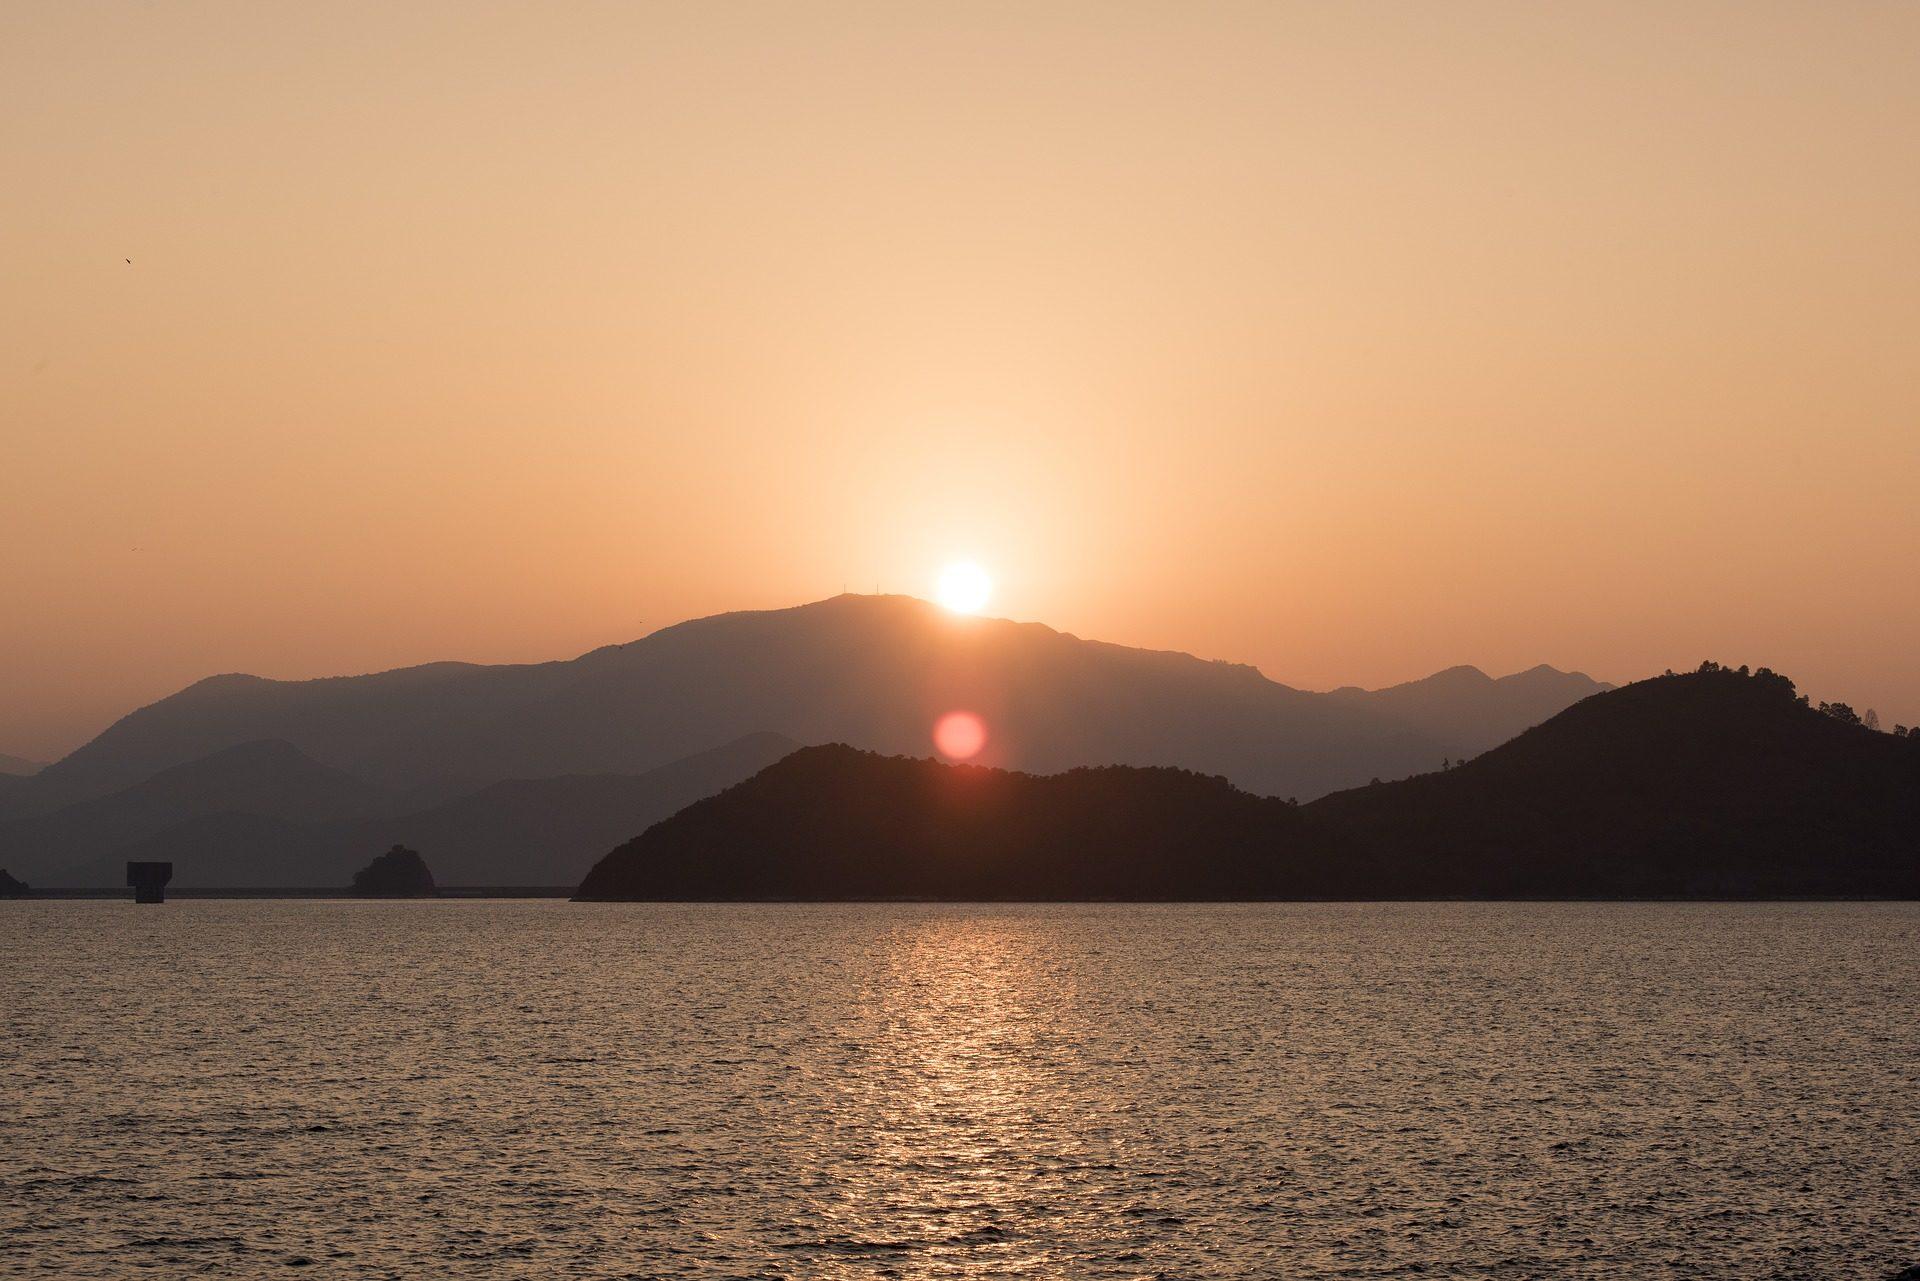 पहाड़ों, सागर, शांत हो, शांति, डॉन द्वारा, आराम - HD वॉलपेपर - प्रोफेसर-falken.com